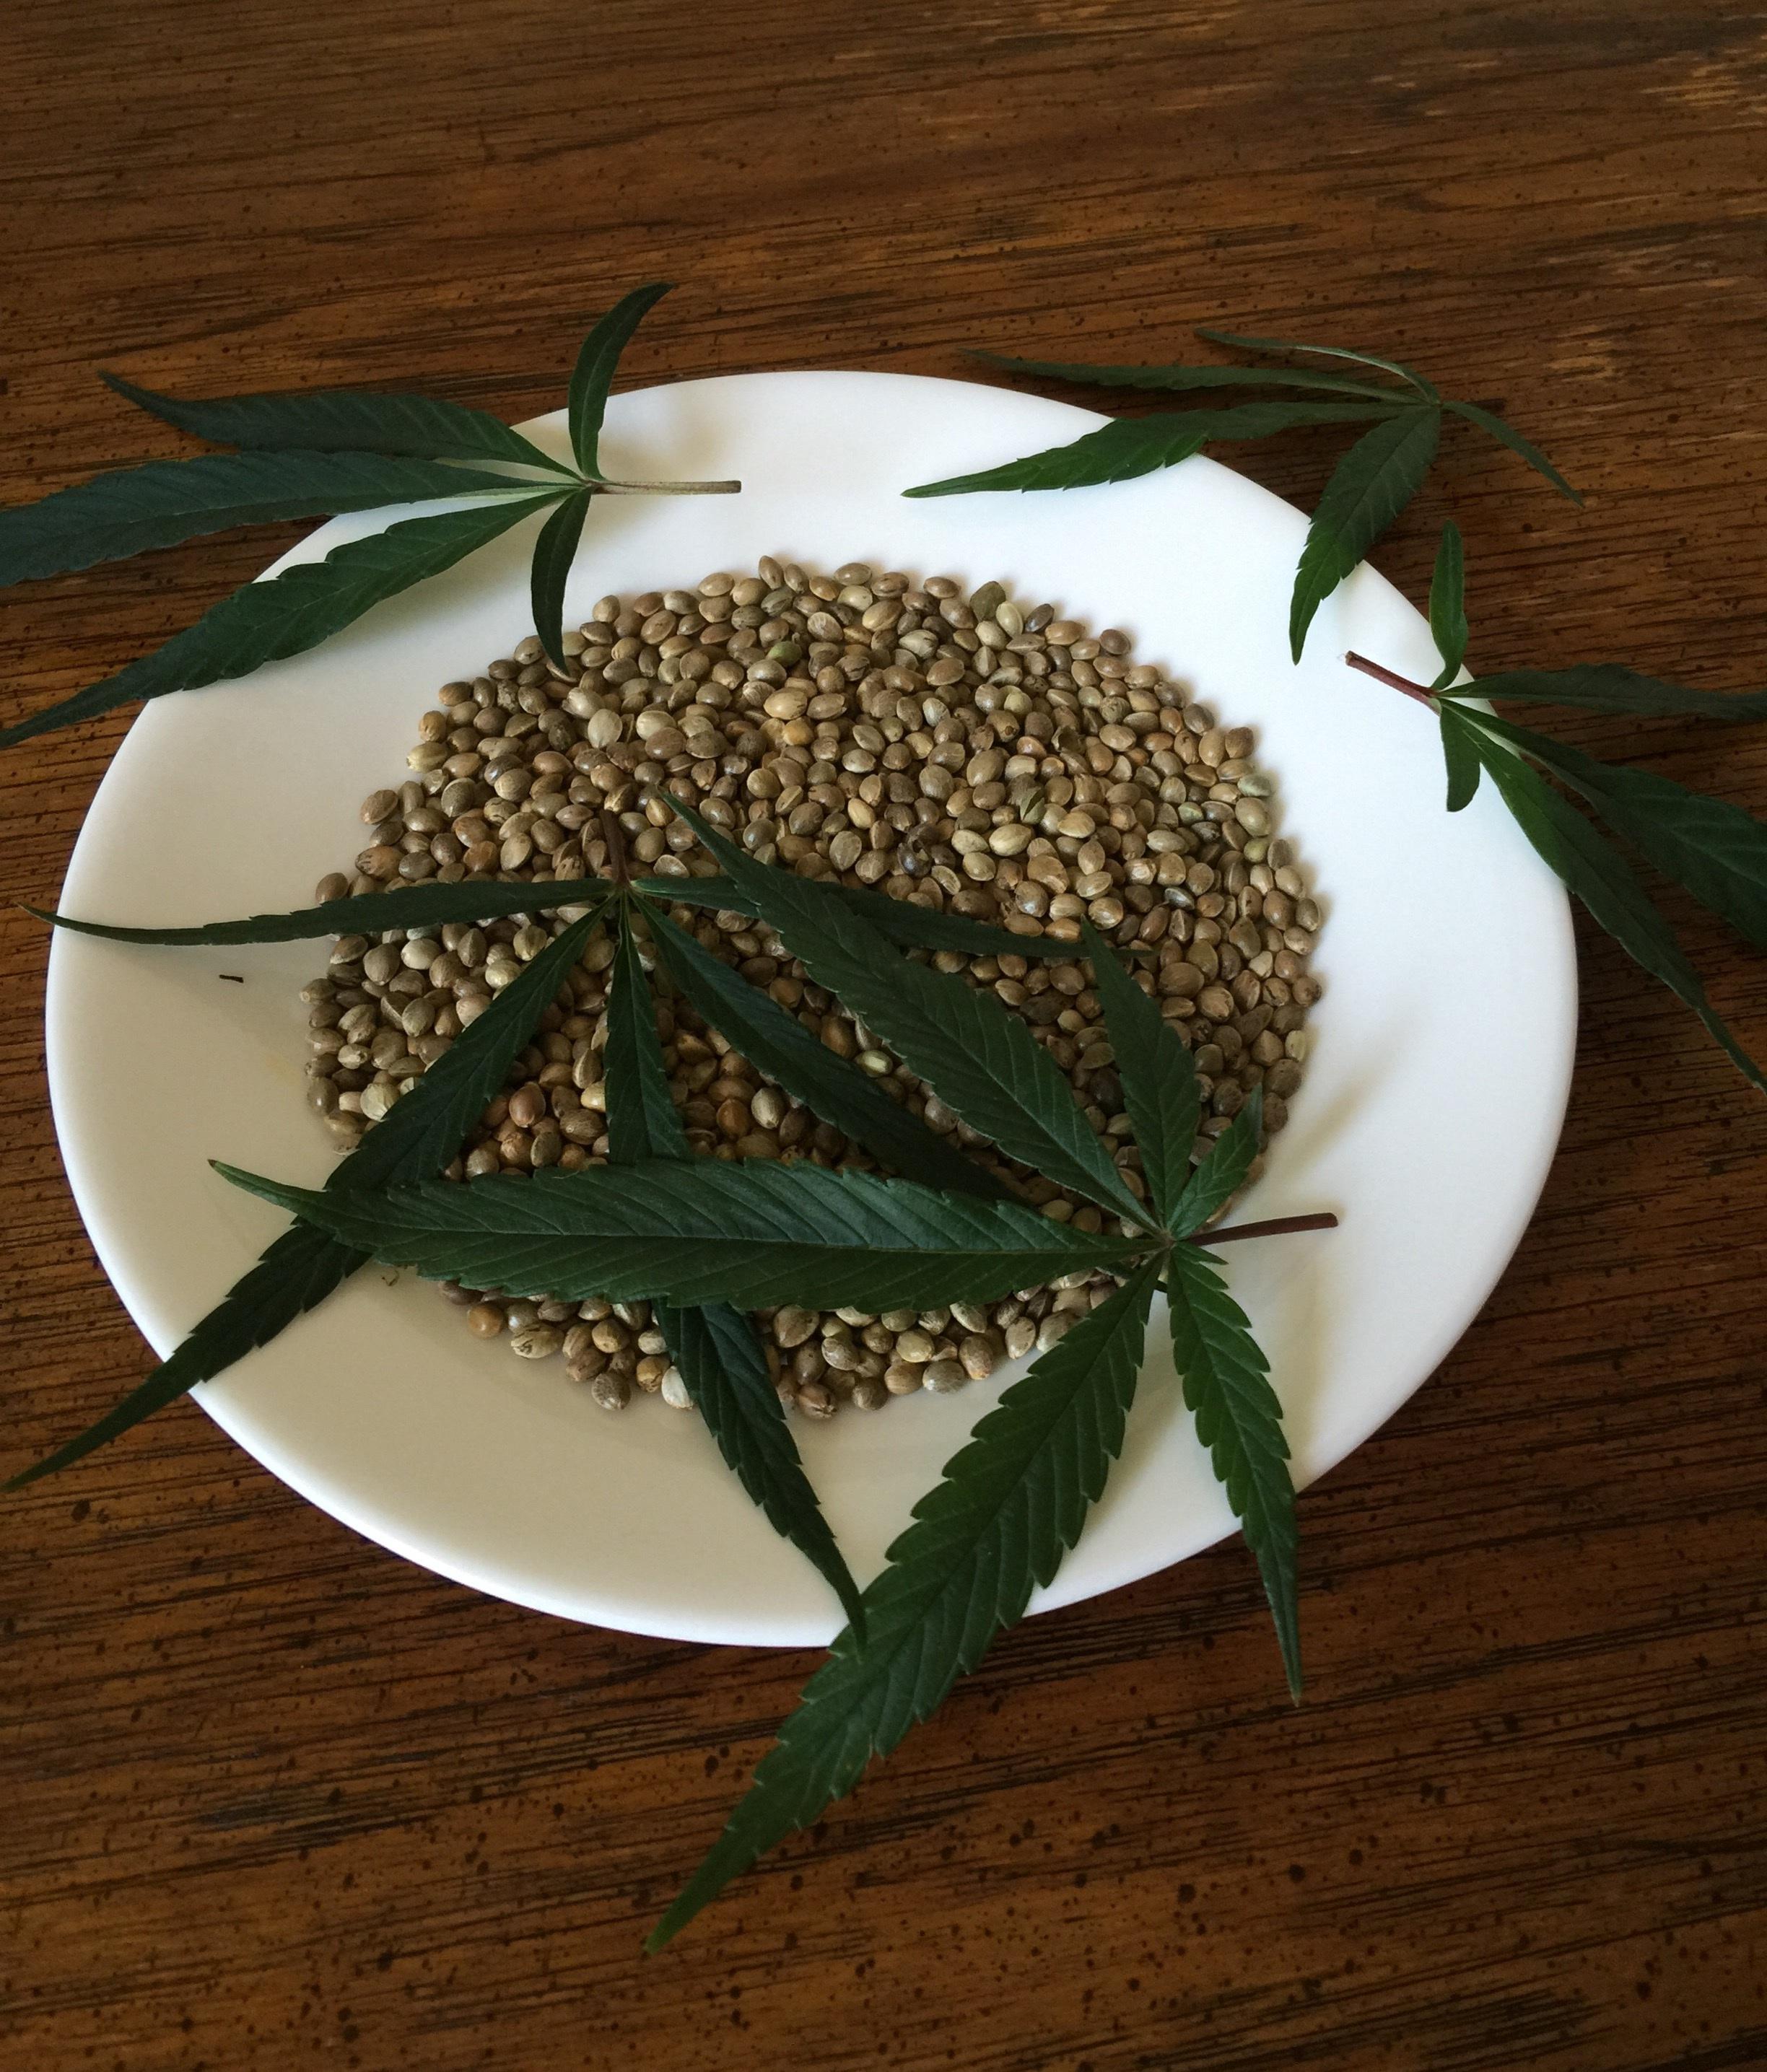 Конопля готовка варадеро купить марихуану